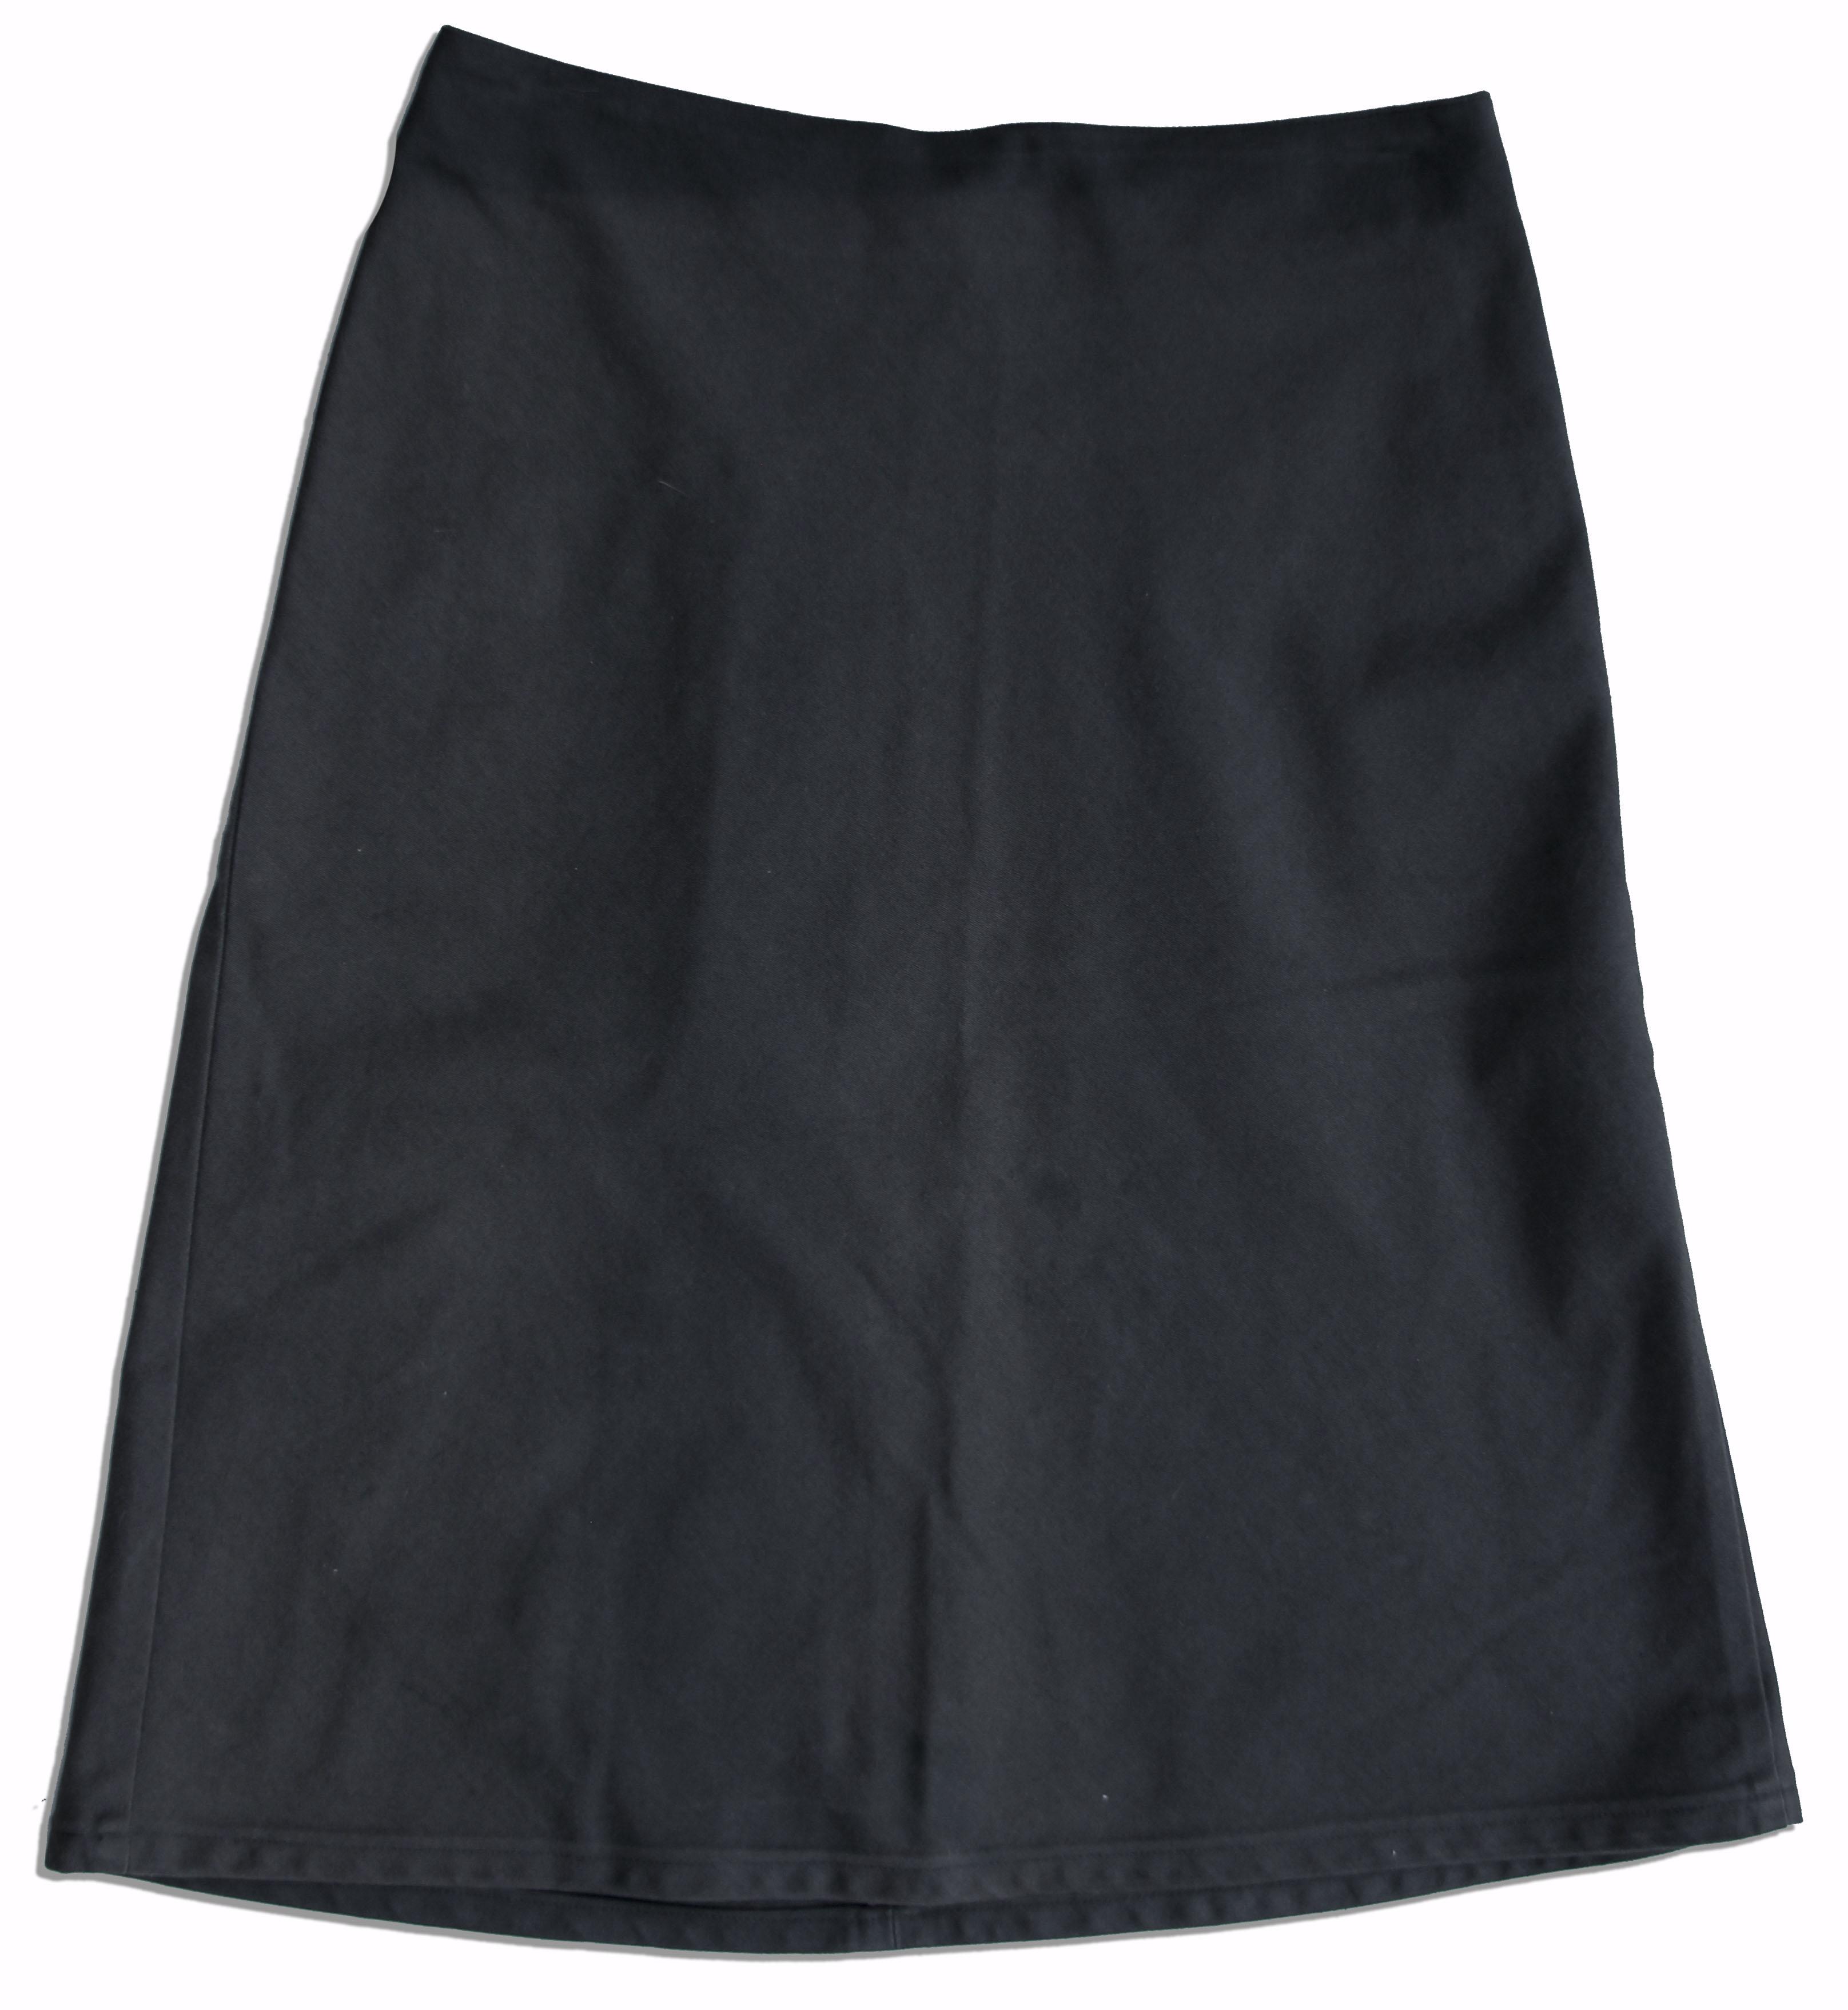 Amanda Peet A Lot Like Love lot detail - amanda peet wardrobe from ''a lot like love''